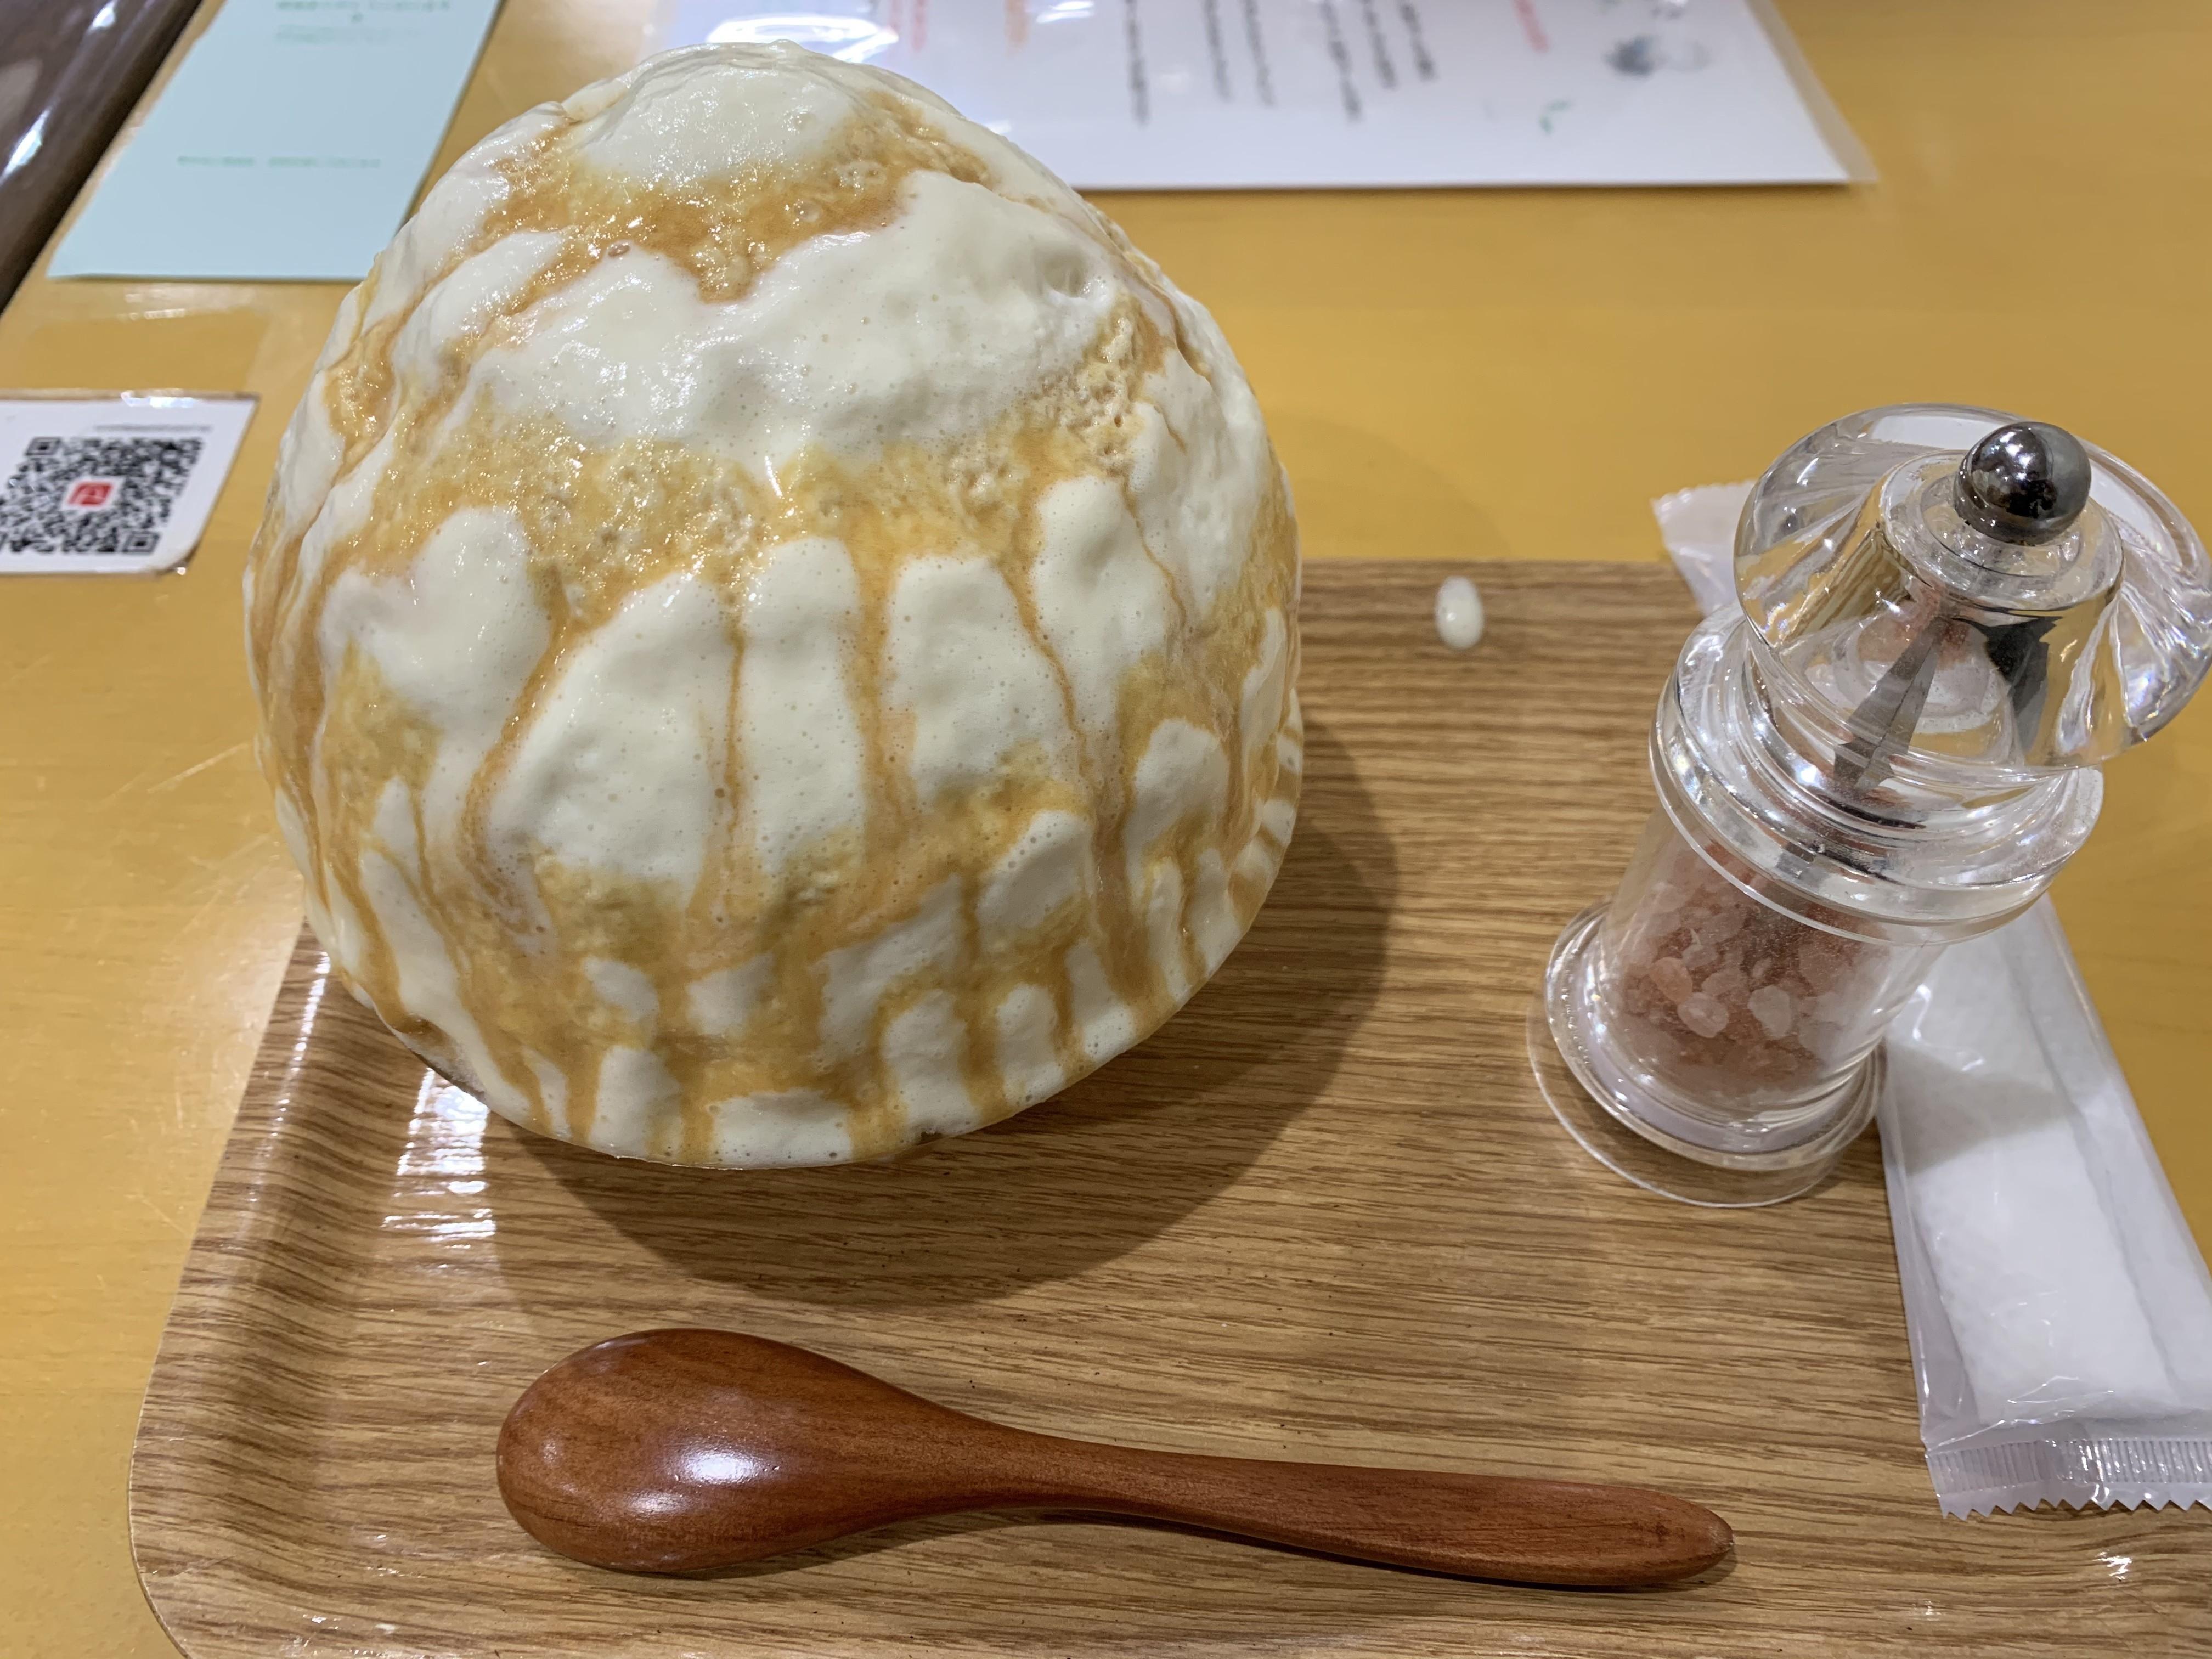 雪菓の塩バニラキャラメルの画像